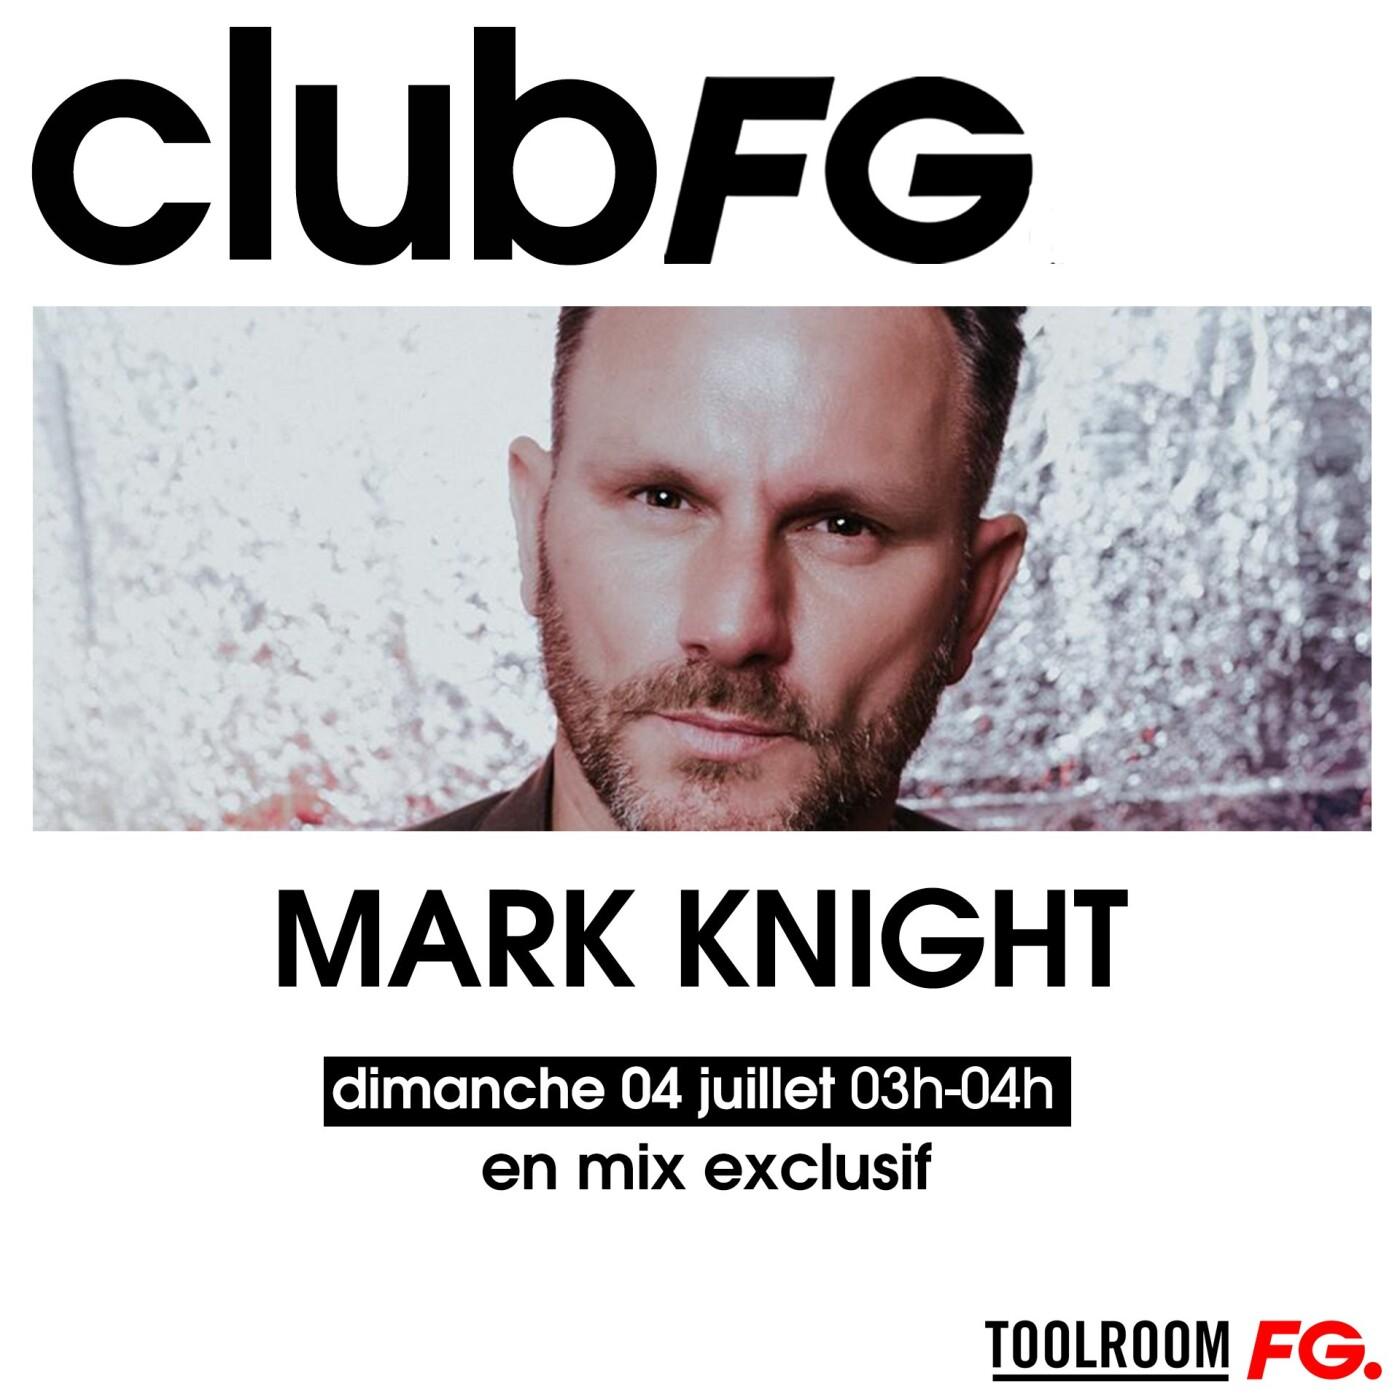 CLUB FG : MARK KNIGHT